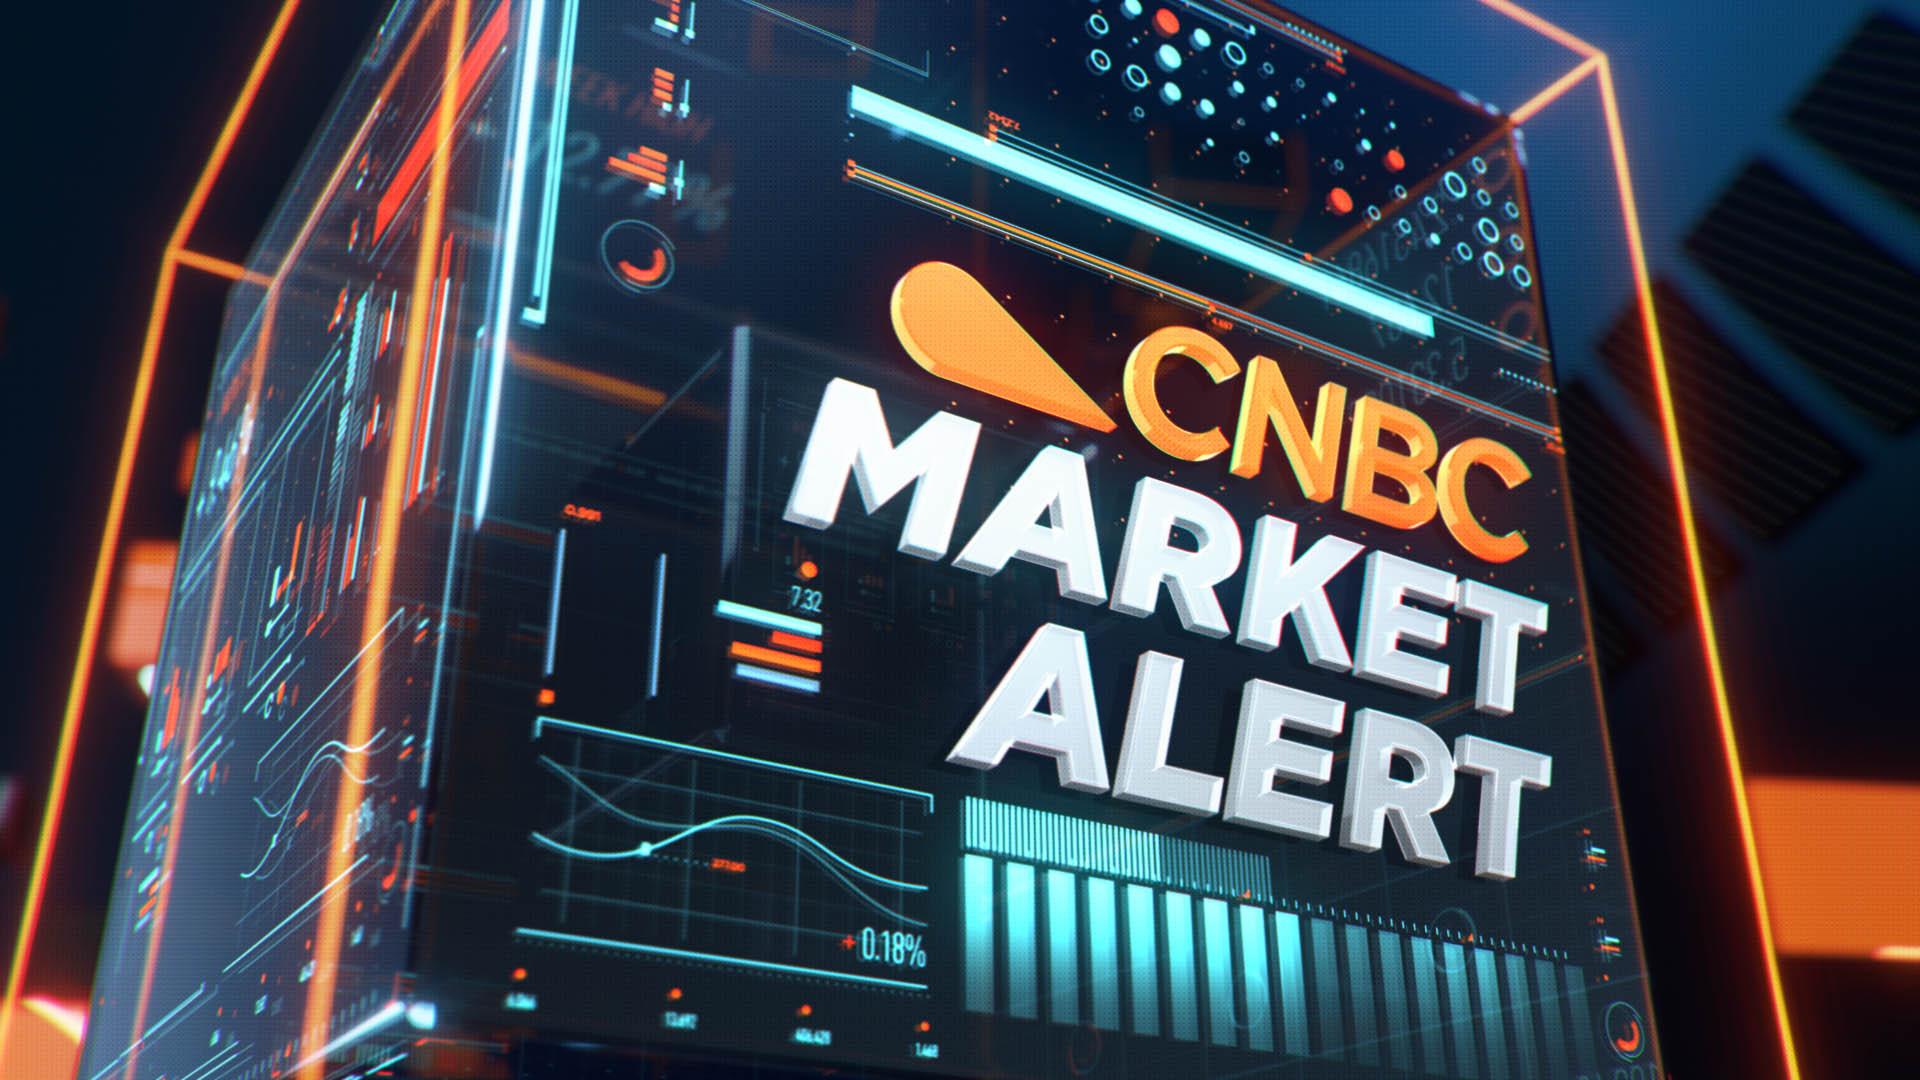 Kanalgrafik till CNBC - 3d animation och Design av TV-grafik till CNBC - Rebrand av CNBC, Idents, TV-idents - Magoo